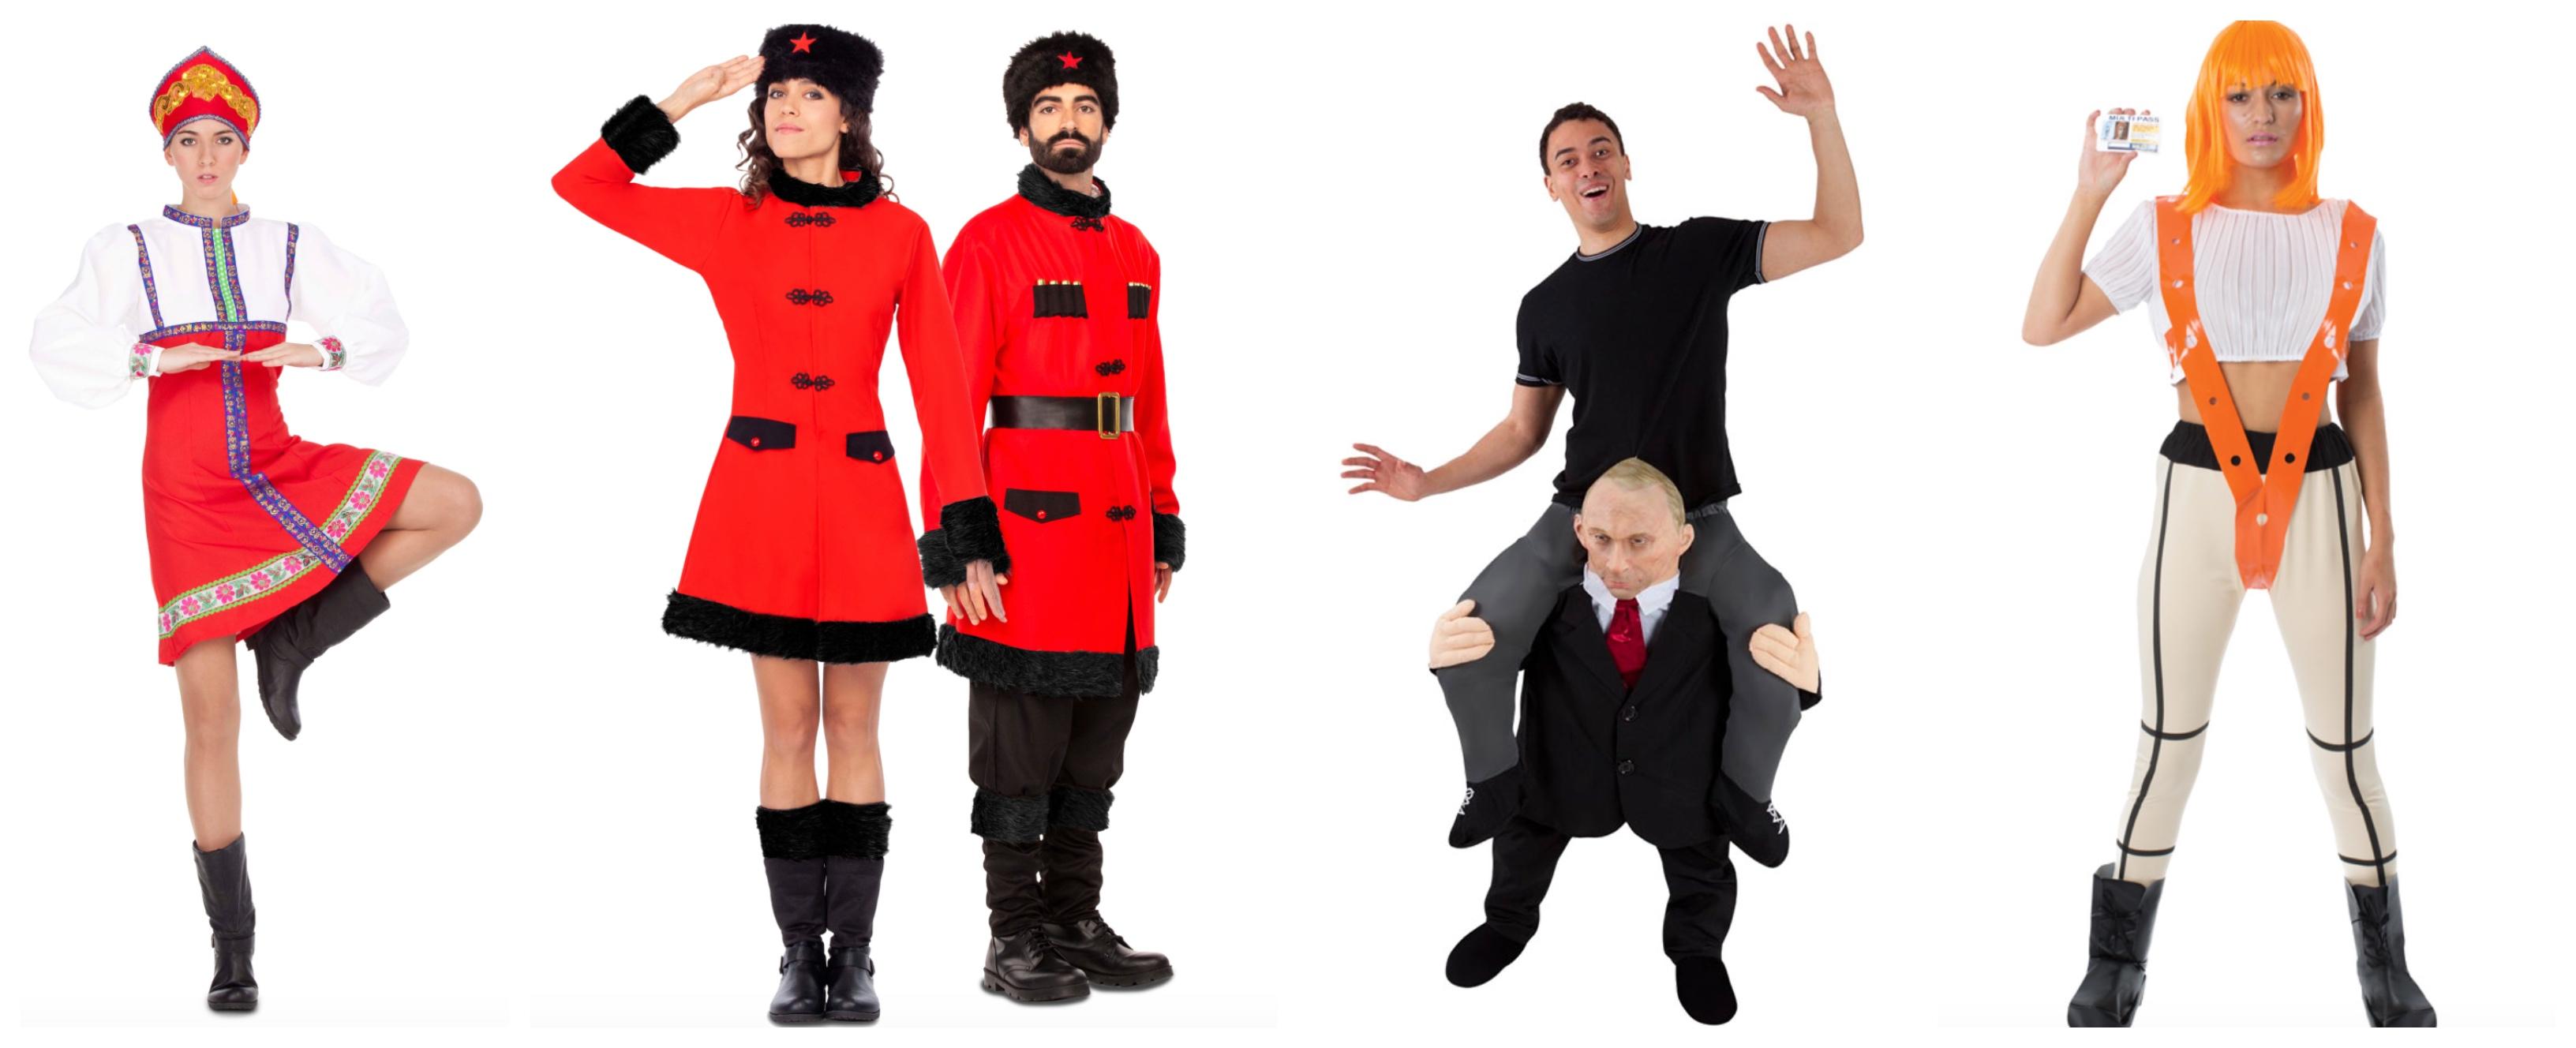 russisk kostume - Russisk kostume til voksne